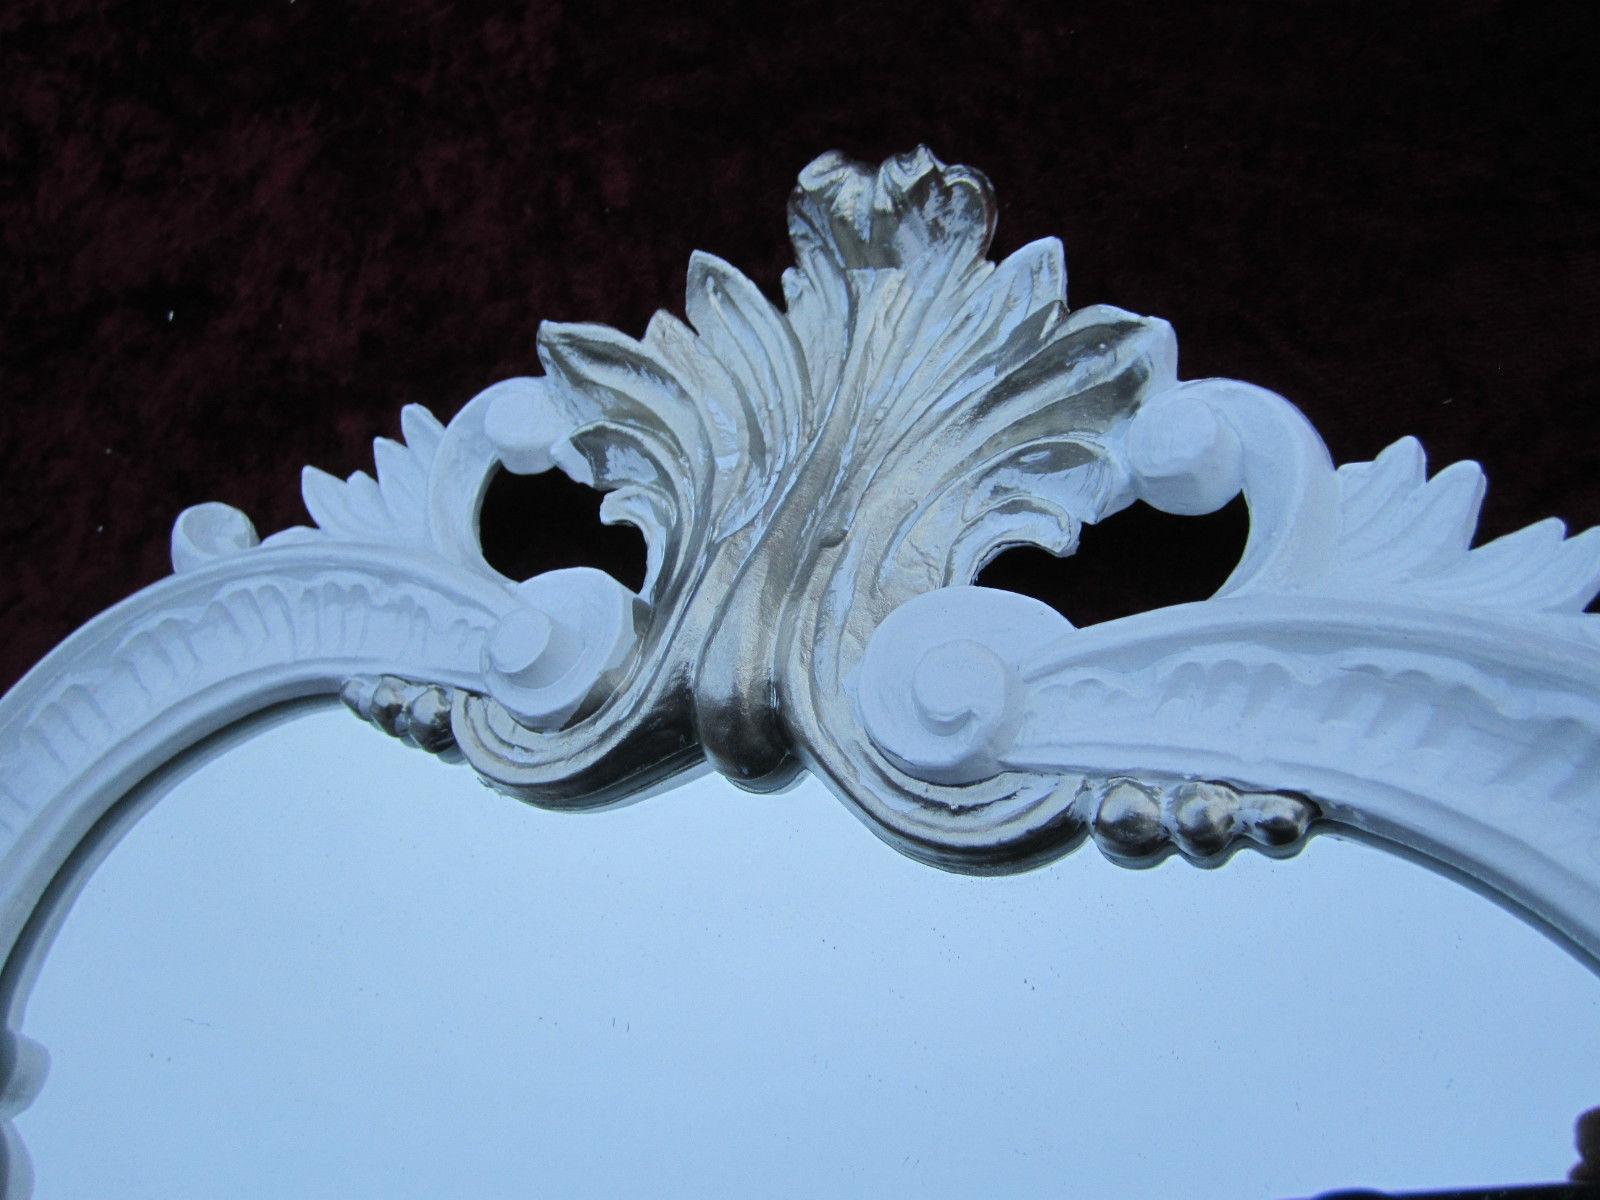 Badspiegel Oval Amazing Spiegel Klein Mirrors Soeder With